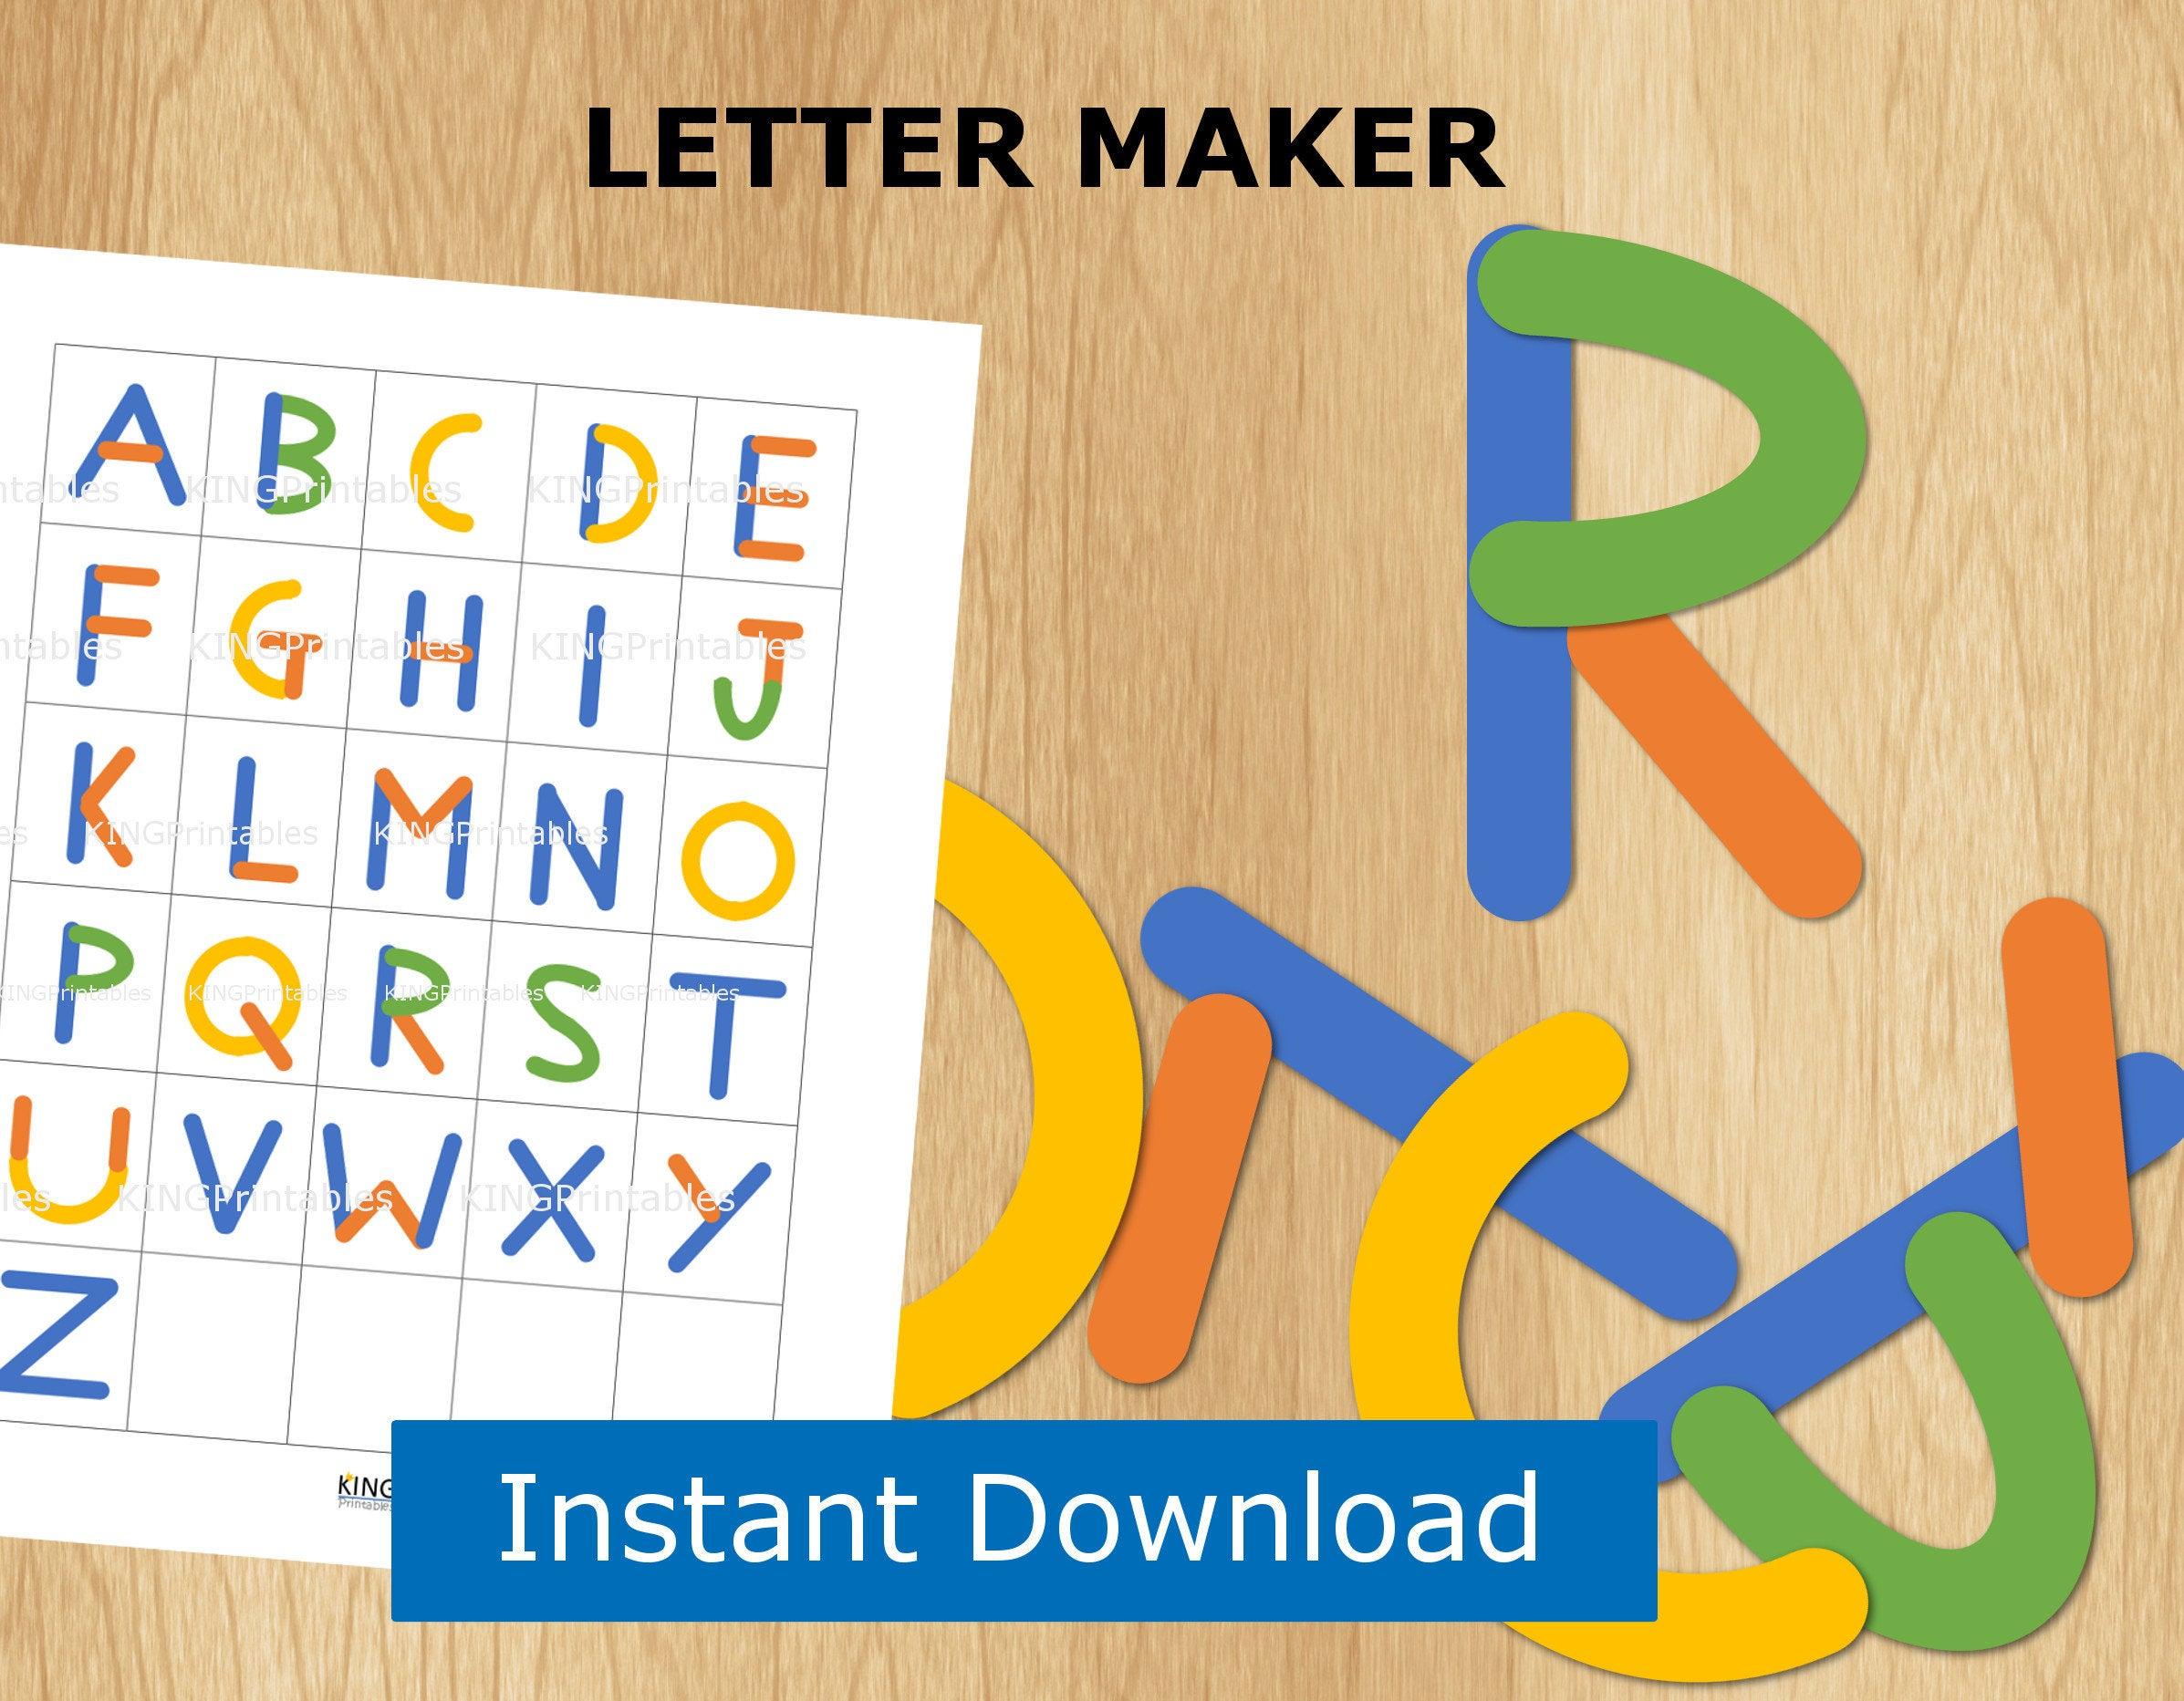 Abc Puzzle Preschool Printable Alphabet Letter Builder File | Etsy - Printable Abc Puzzle